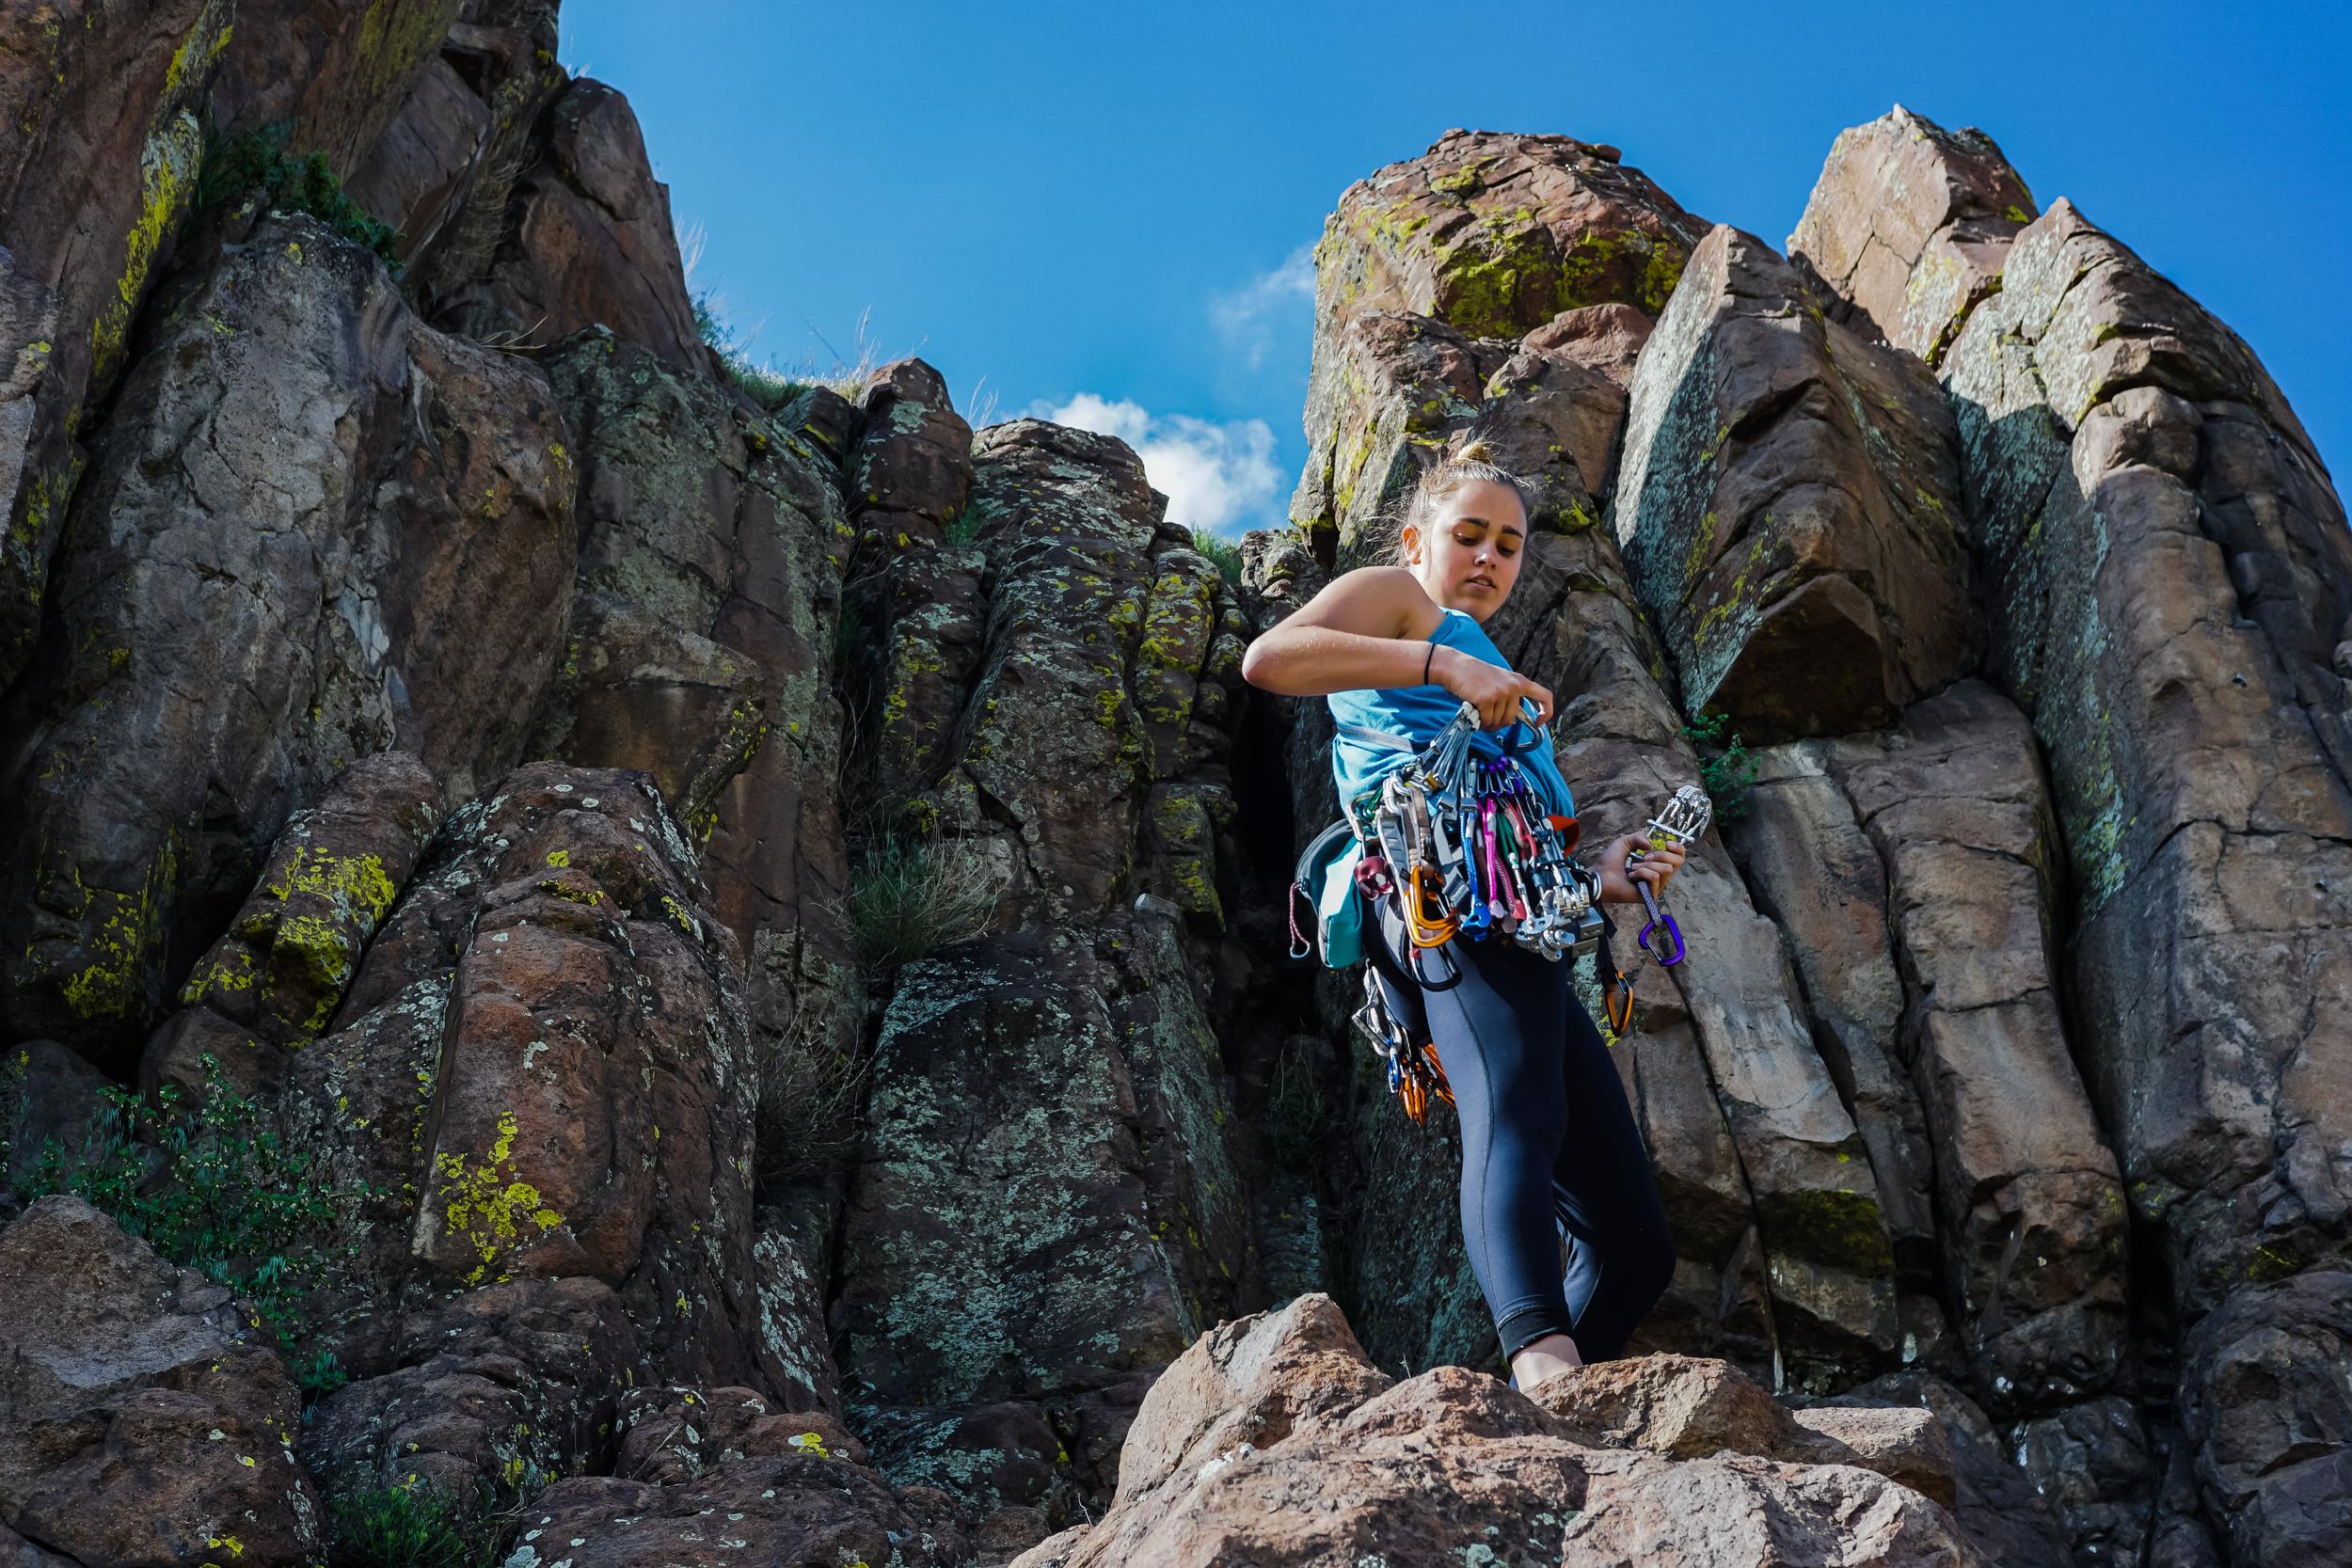 15 Climbing Terms